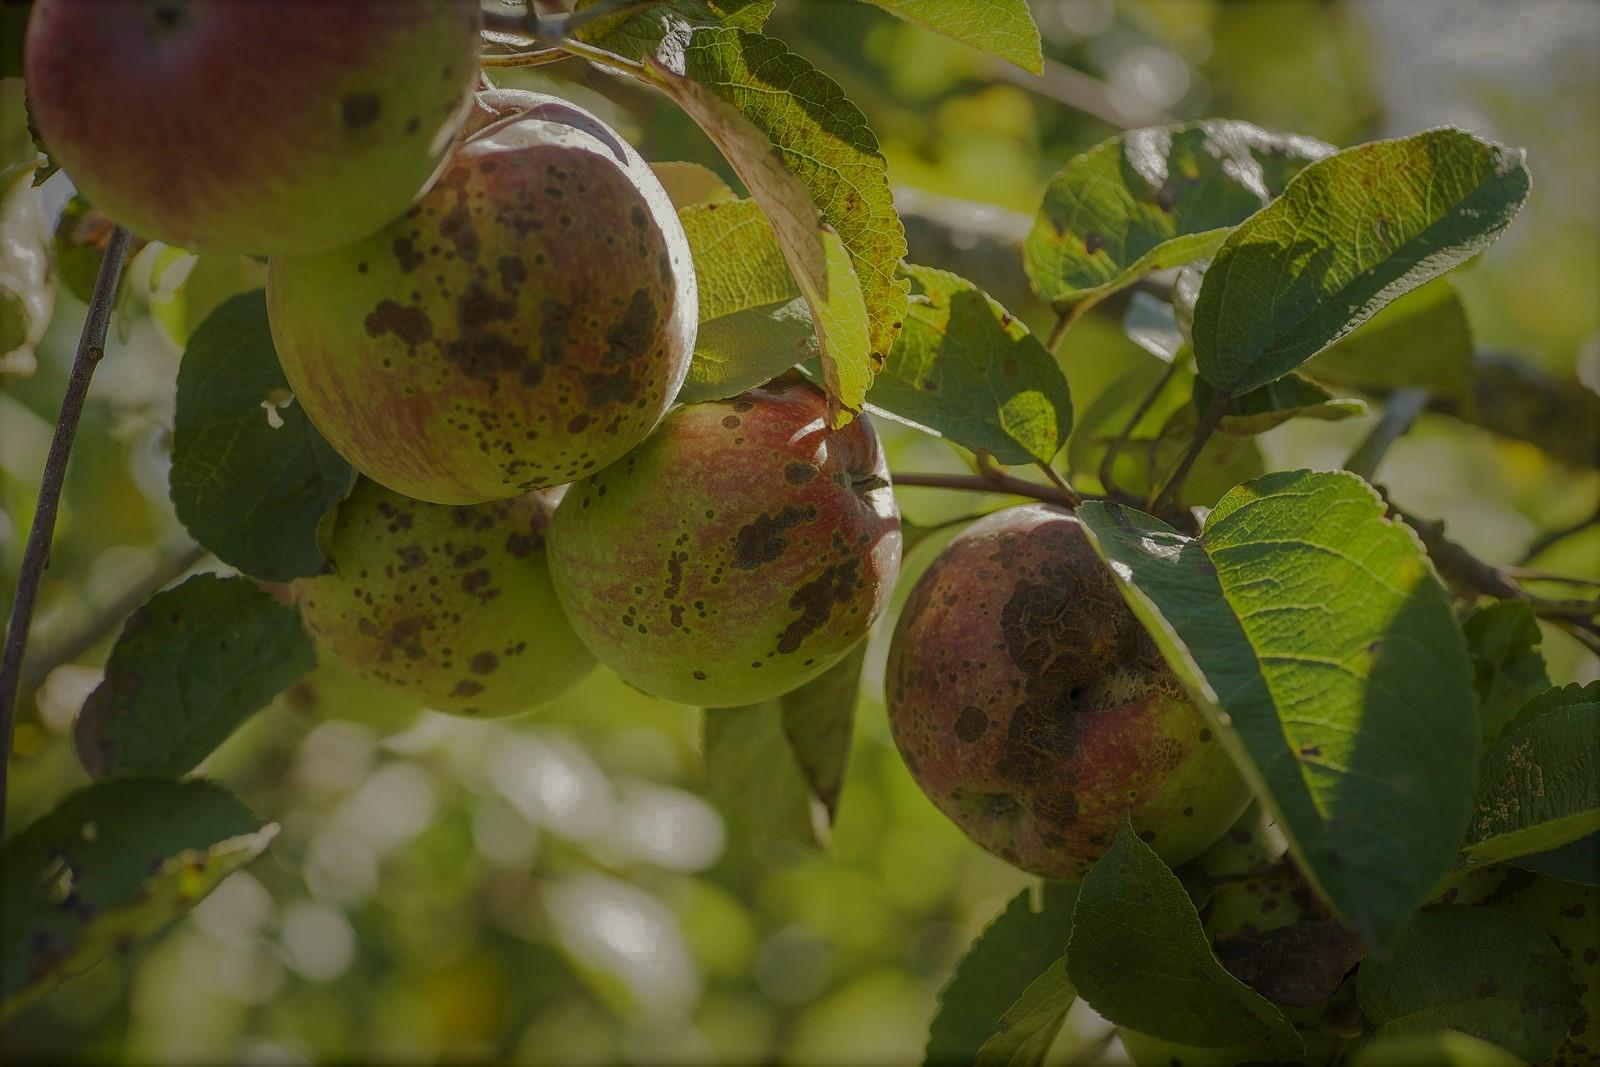 Zwalczanie parcha jabłoni. Jak skutecznie zwalczać parcha jabłoni?